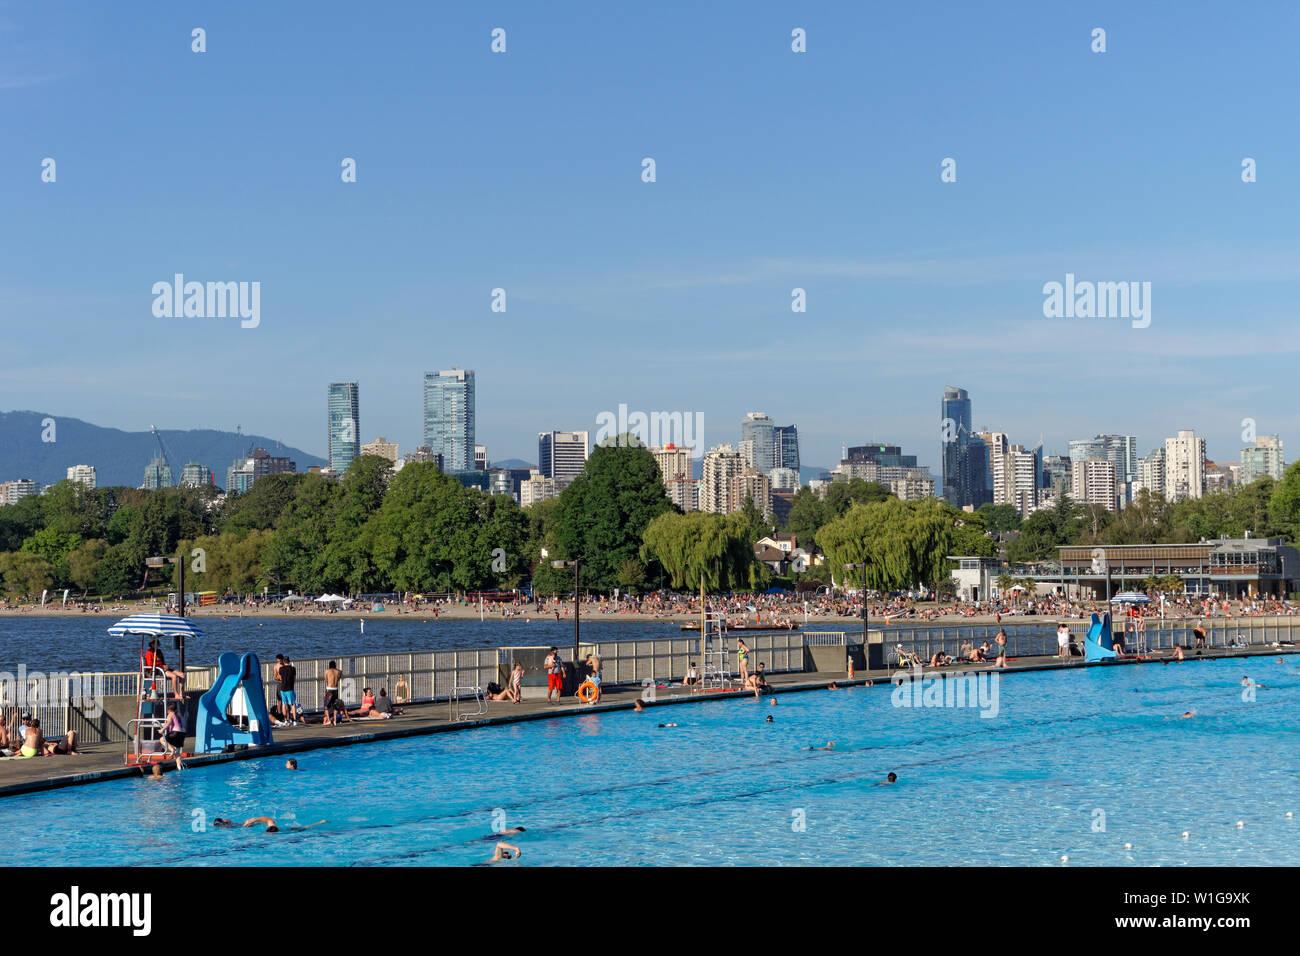 people-swimming-at-kitsilano-pool-on-eng